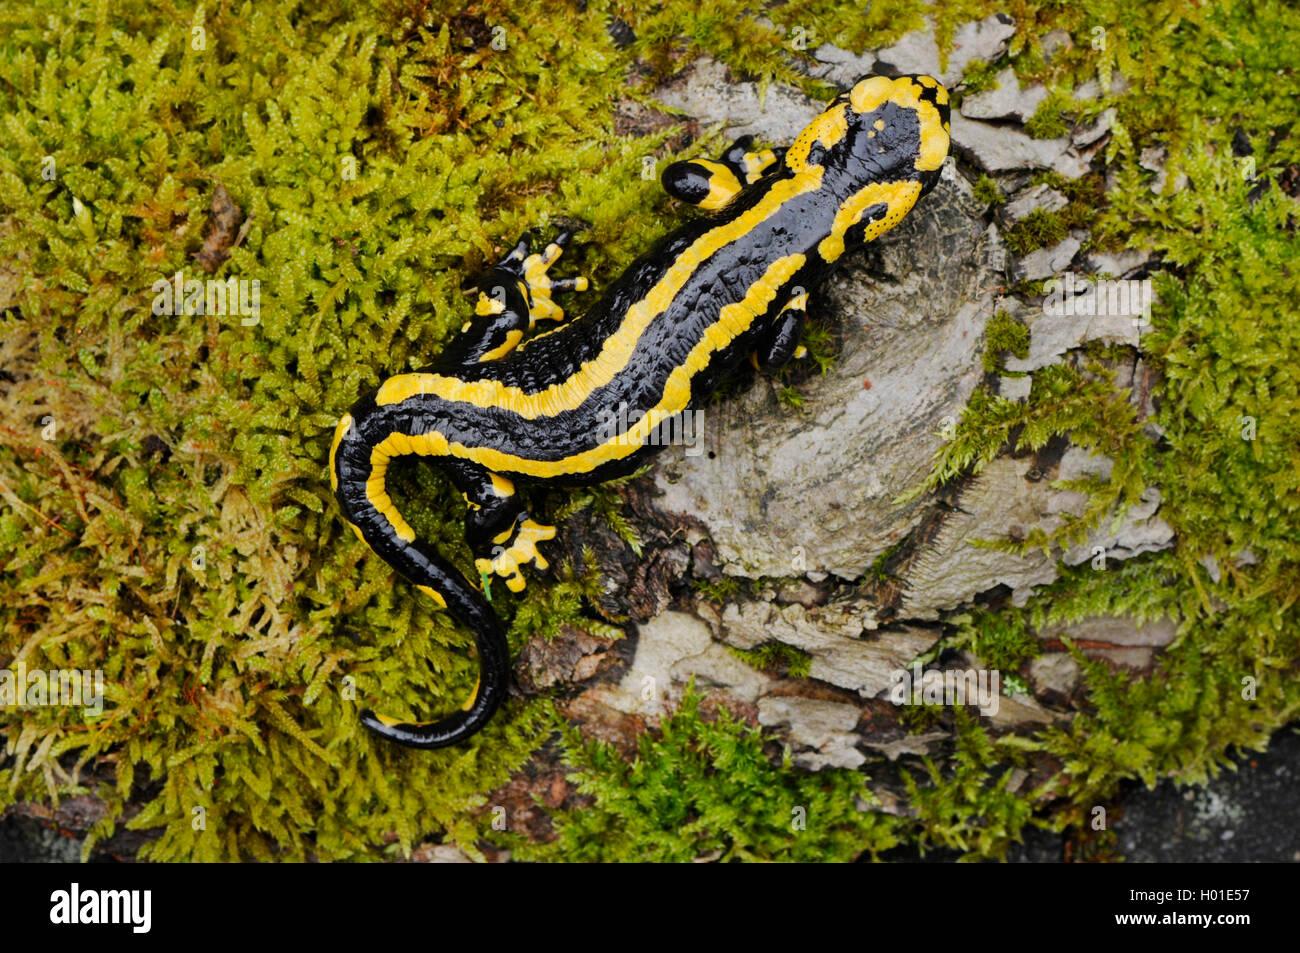 Feuersalamander (Salamandra salamandra), auf bemoostem Stein, Deutschland, Rheinland-Pfalz | European fire salamander - Stock Image